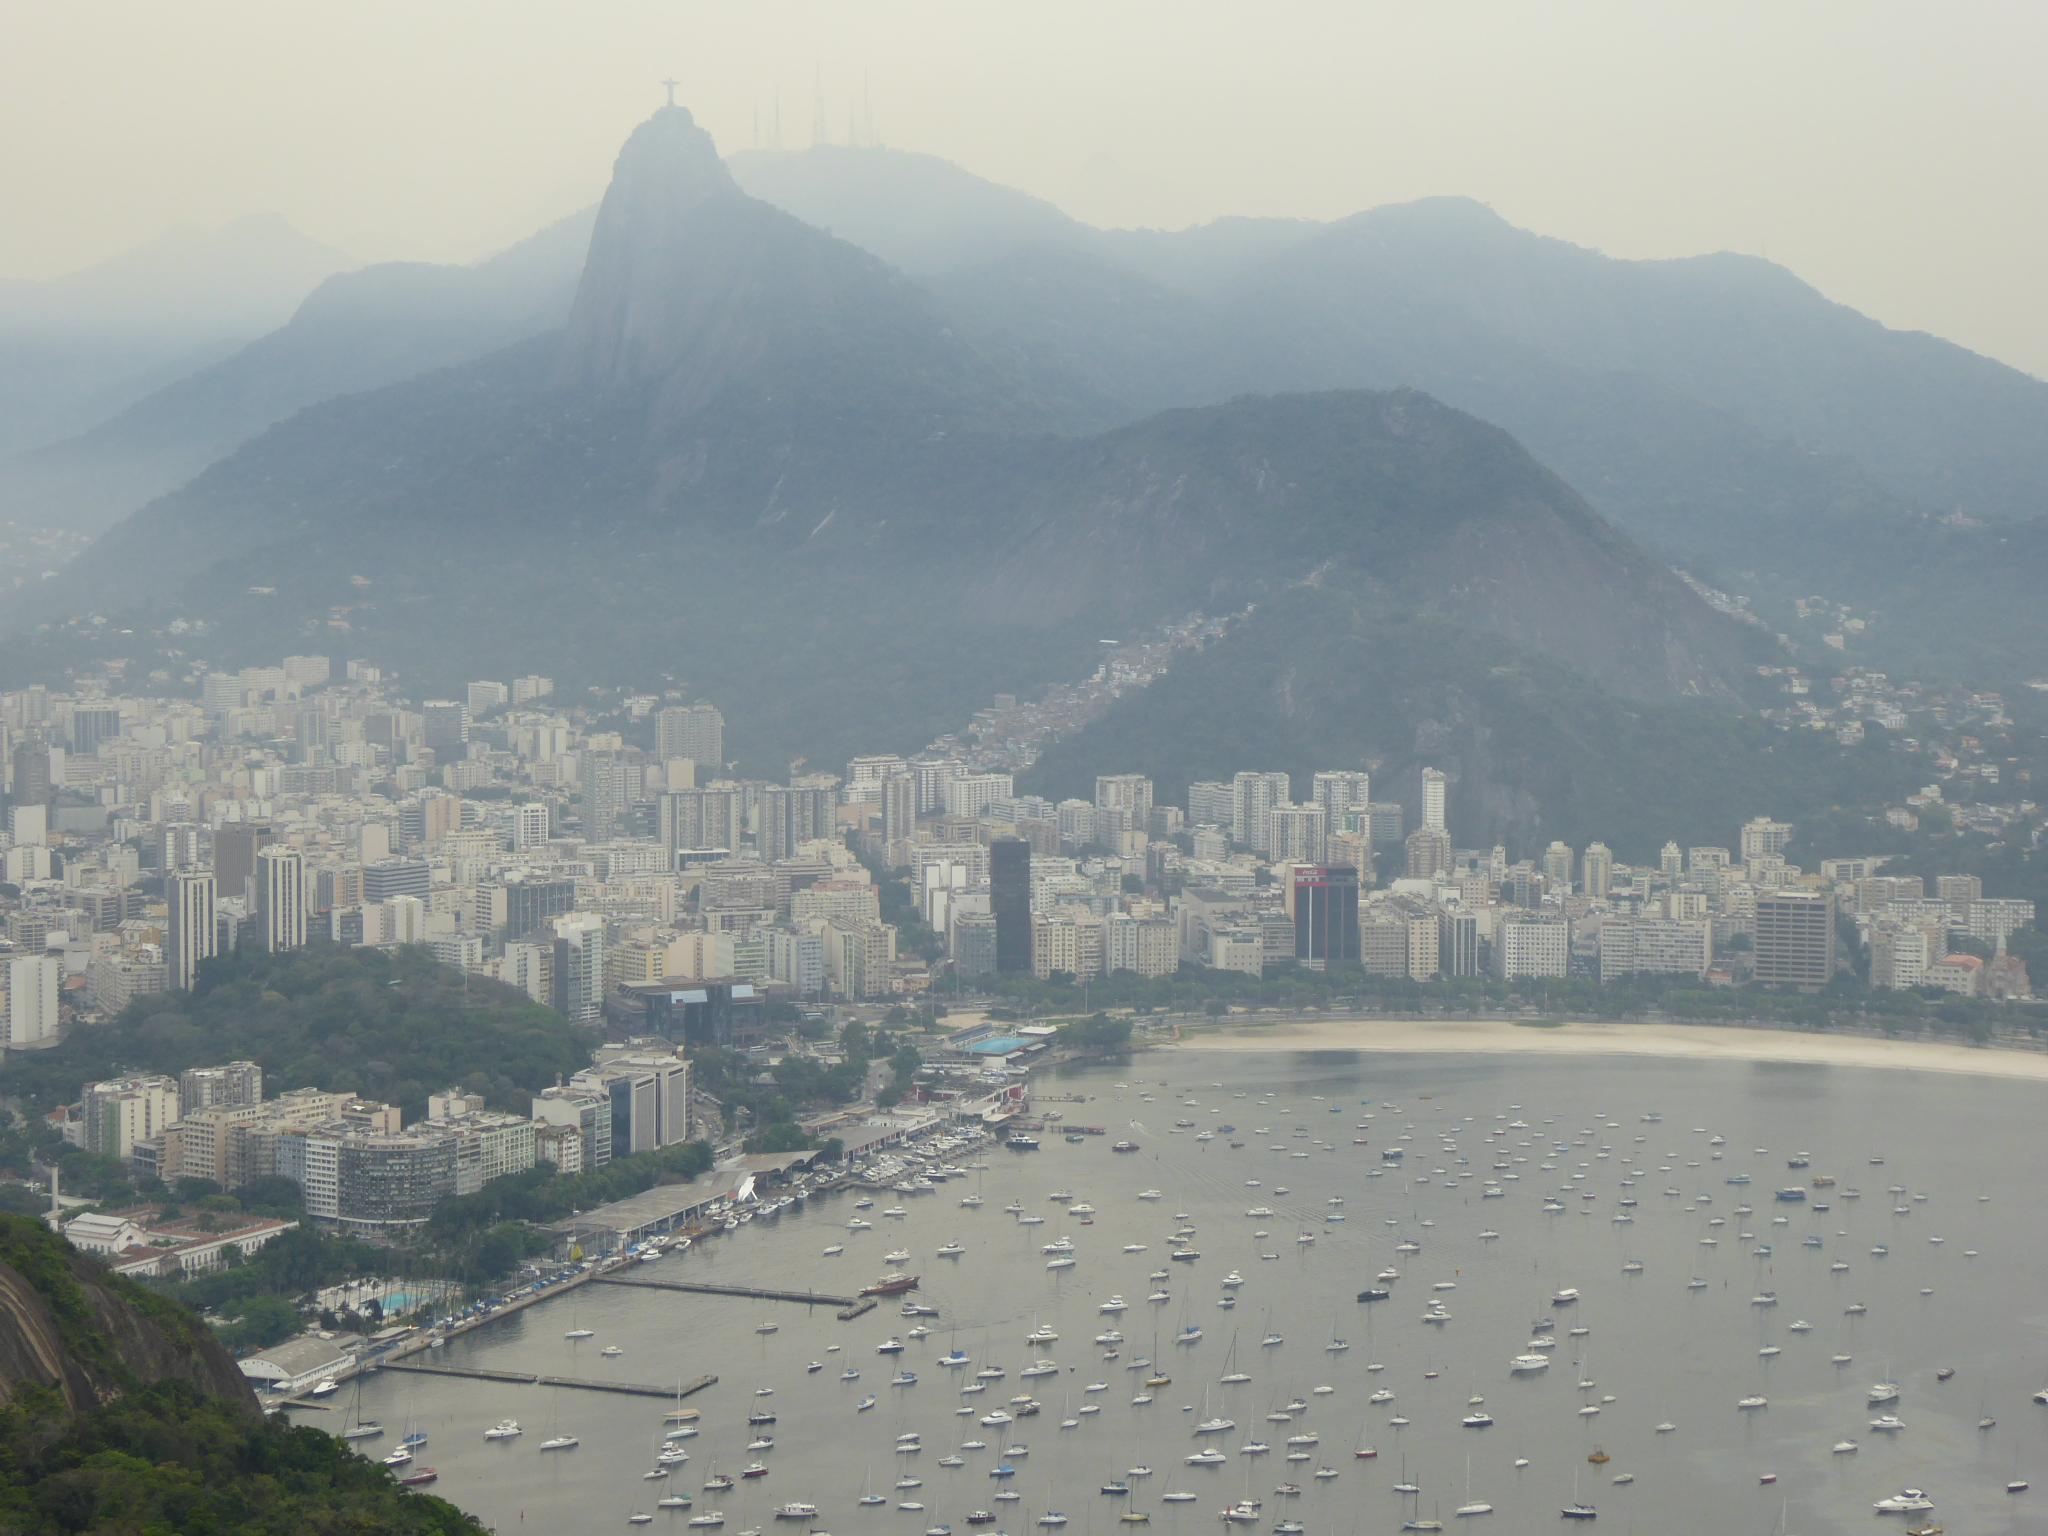 Rio de Janeiro vom Zuckerhut aus gesehen